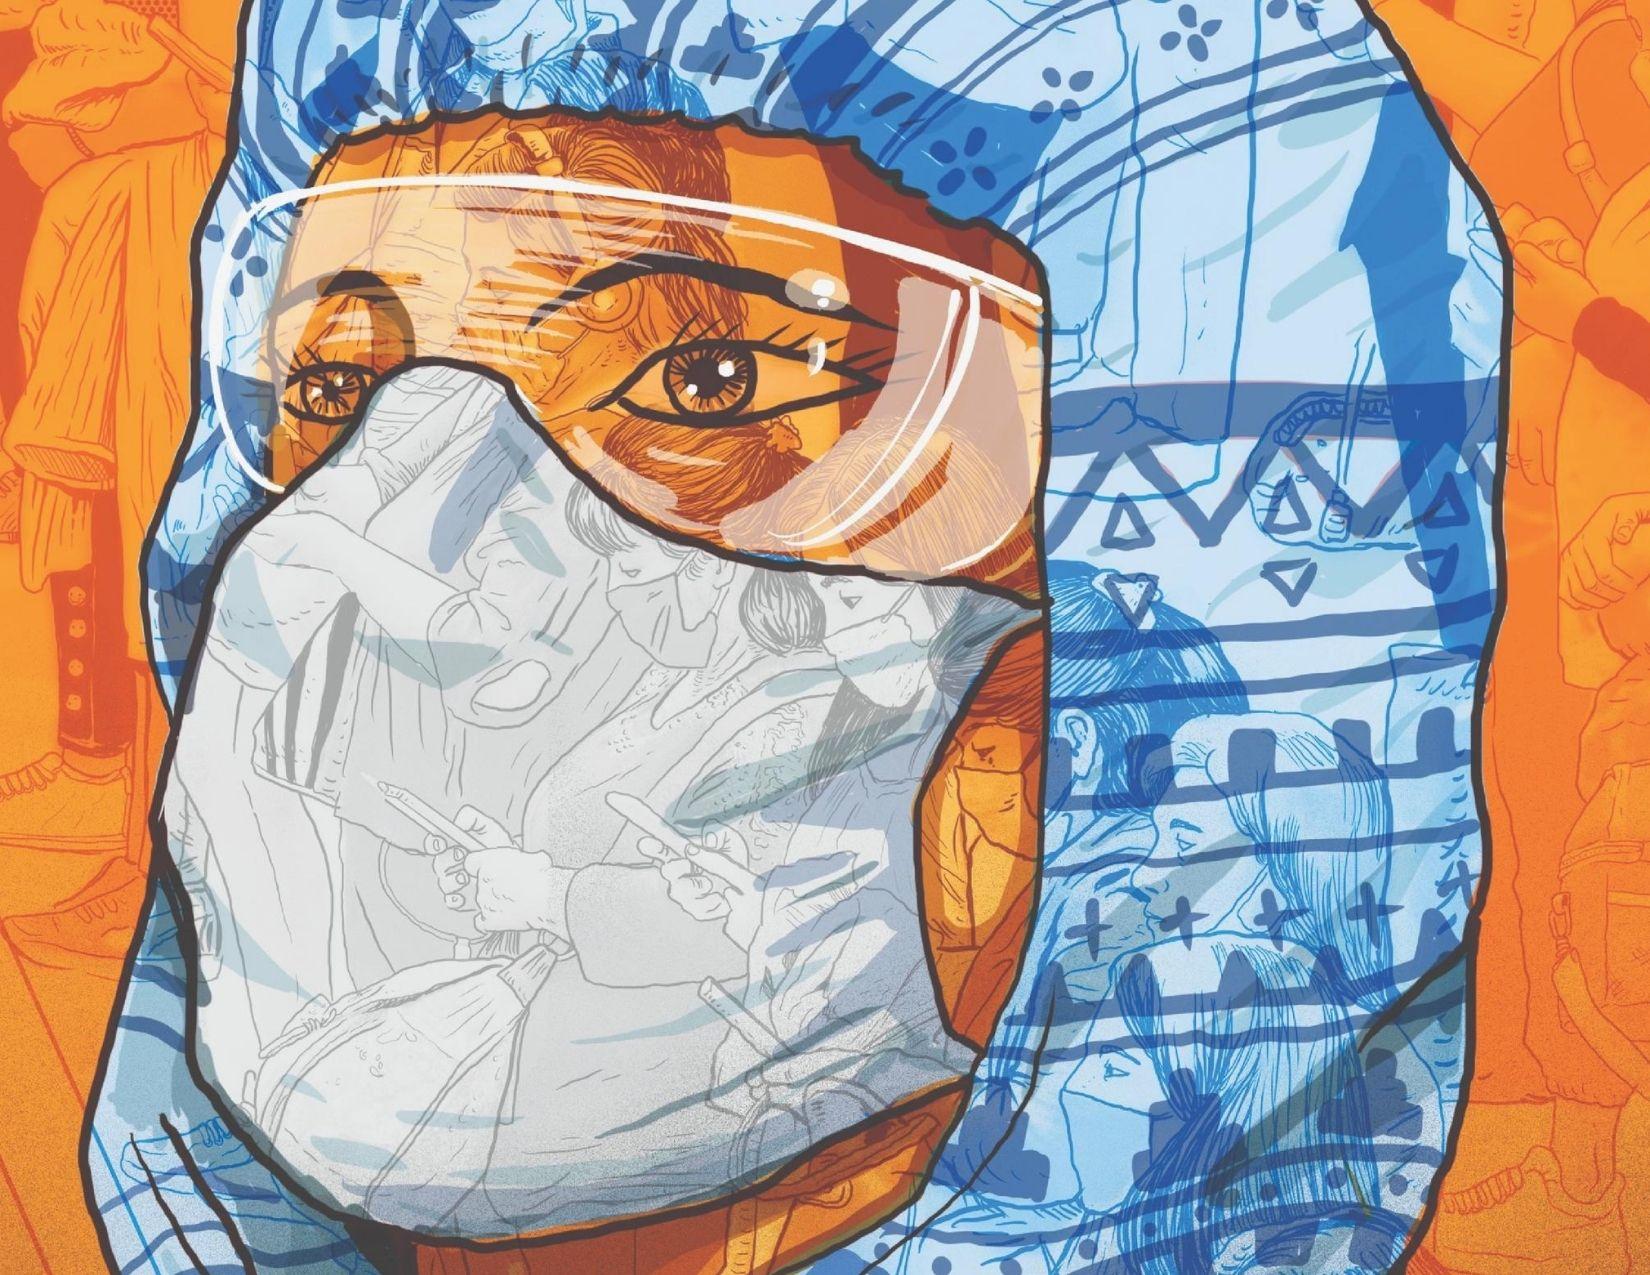 Ilustración del rostro de una persona del sector salud hecha por Saner